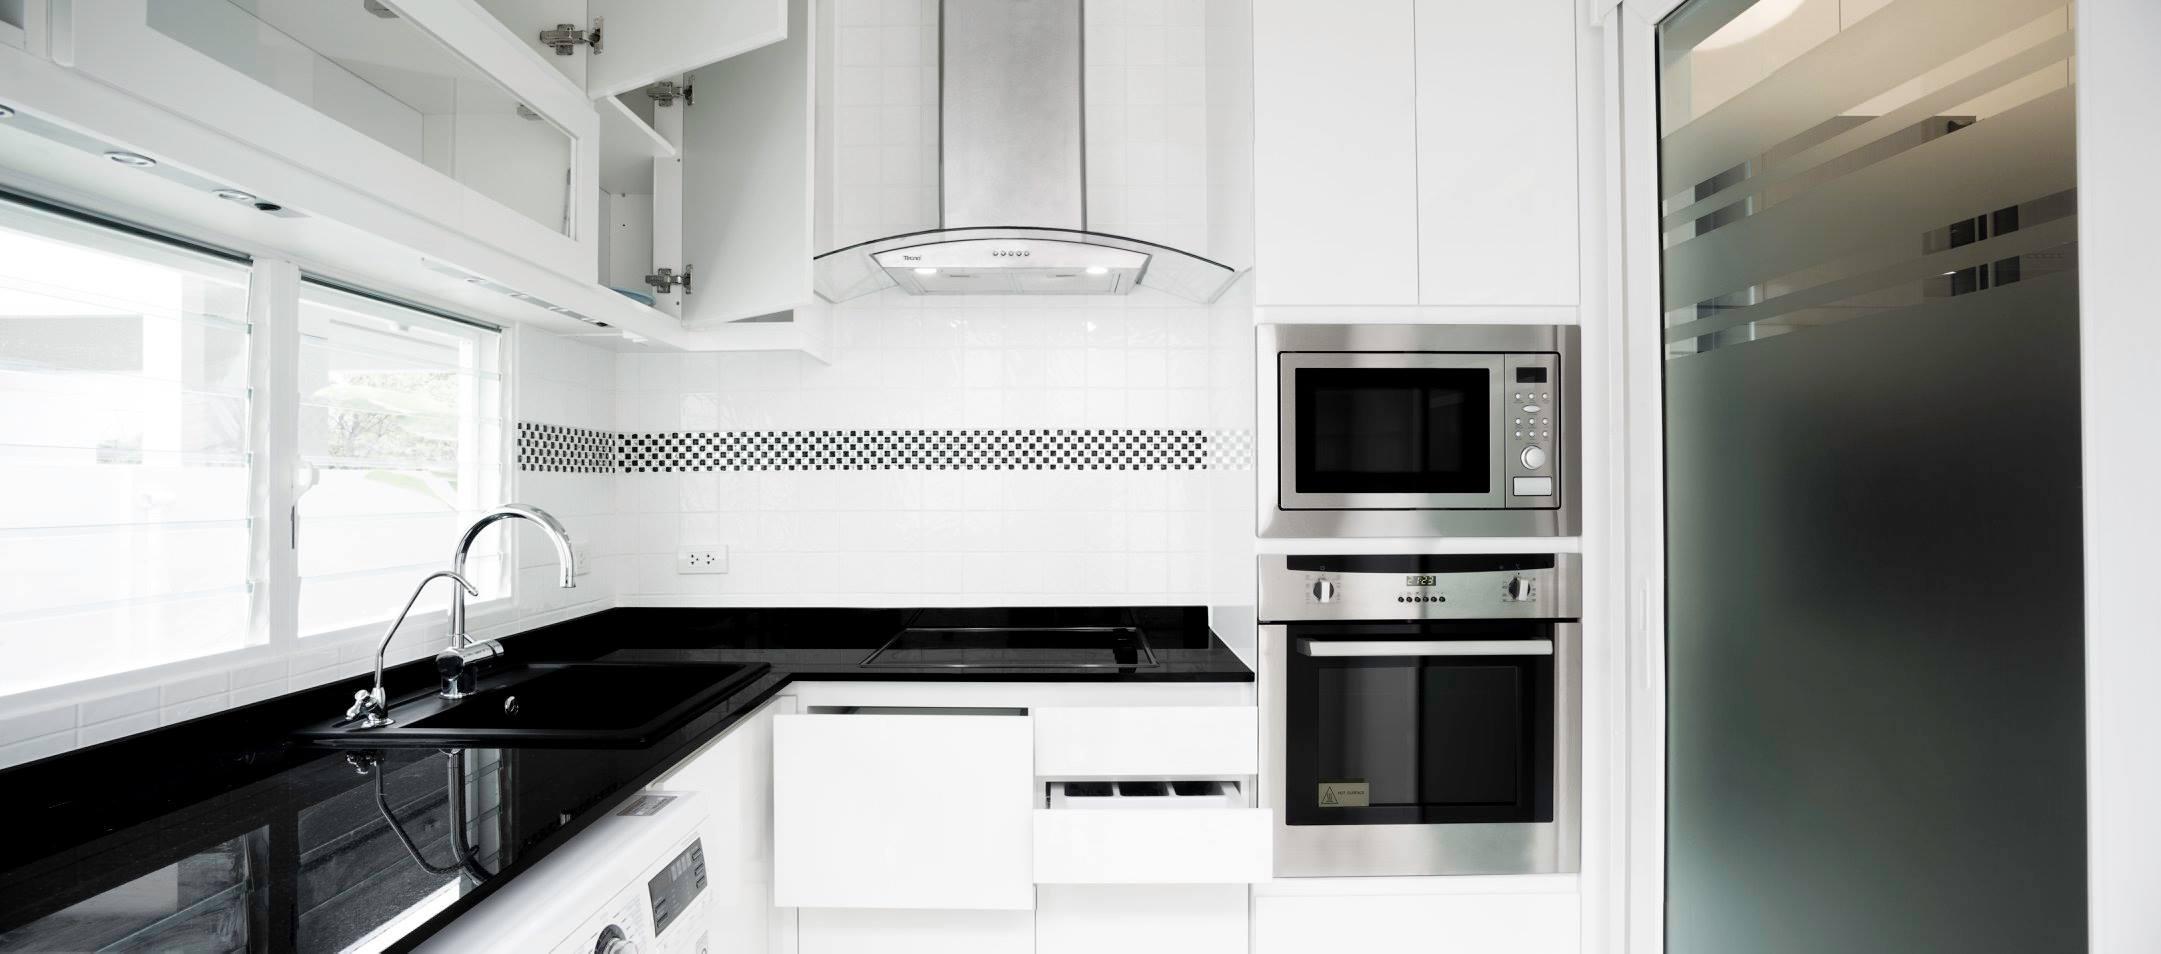 2.4 ตู้บน+ล่าง +0.9 ตู้ล่าง 0.6 ตู้เต็ม (ฝั่งตู้เย็น) + 1.06 ตู้บน + 0.6 ตู้เต็ม top laminate 61700 top หินหนา 2 cm 78900(ในภาพ)